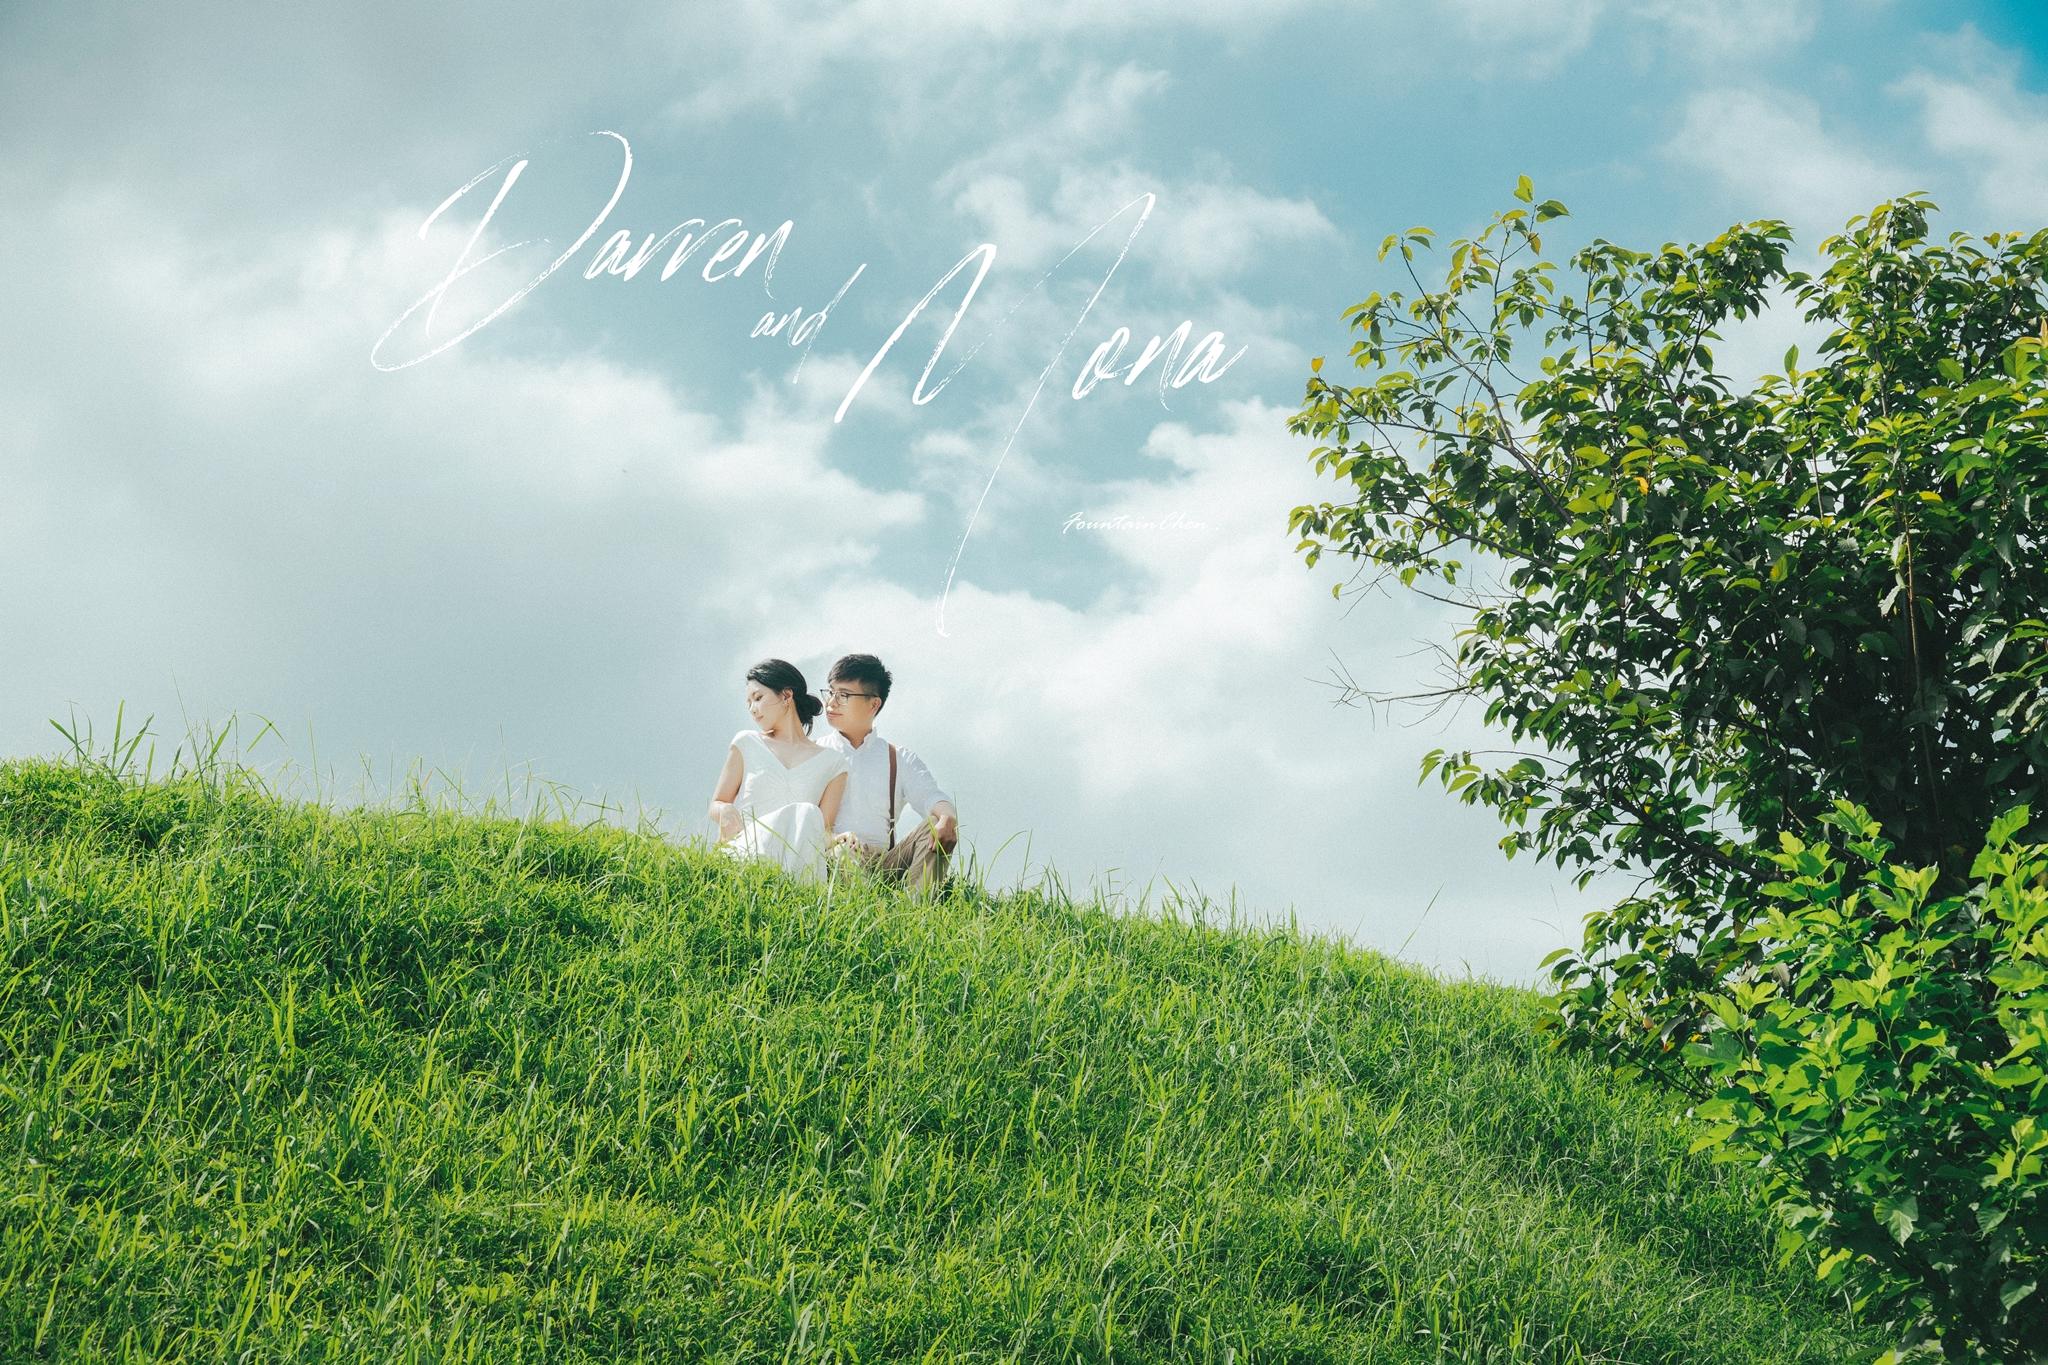 Darren & Mona 01